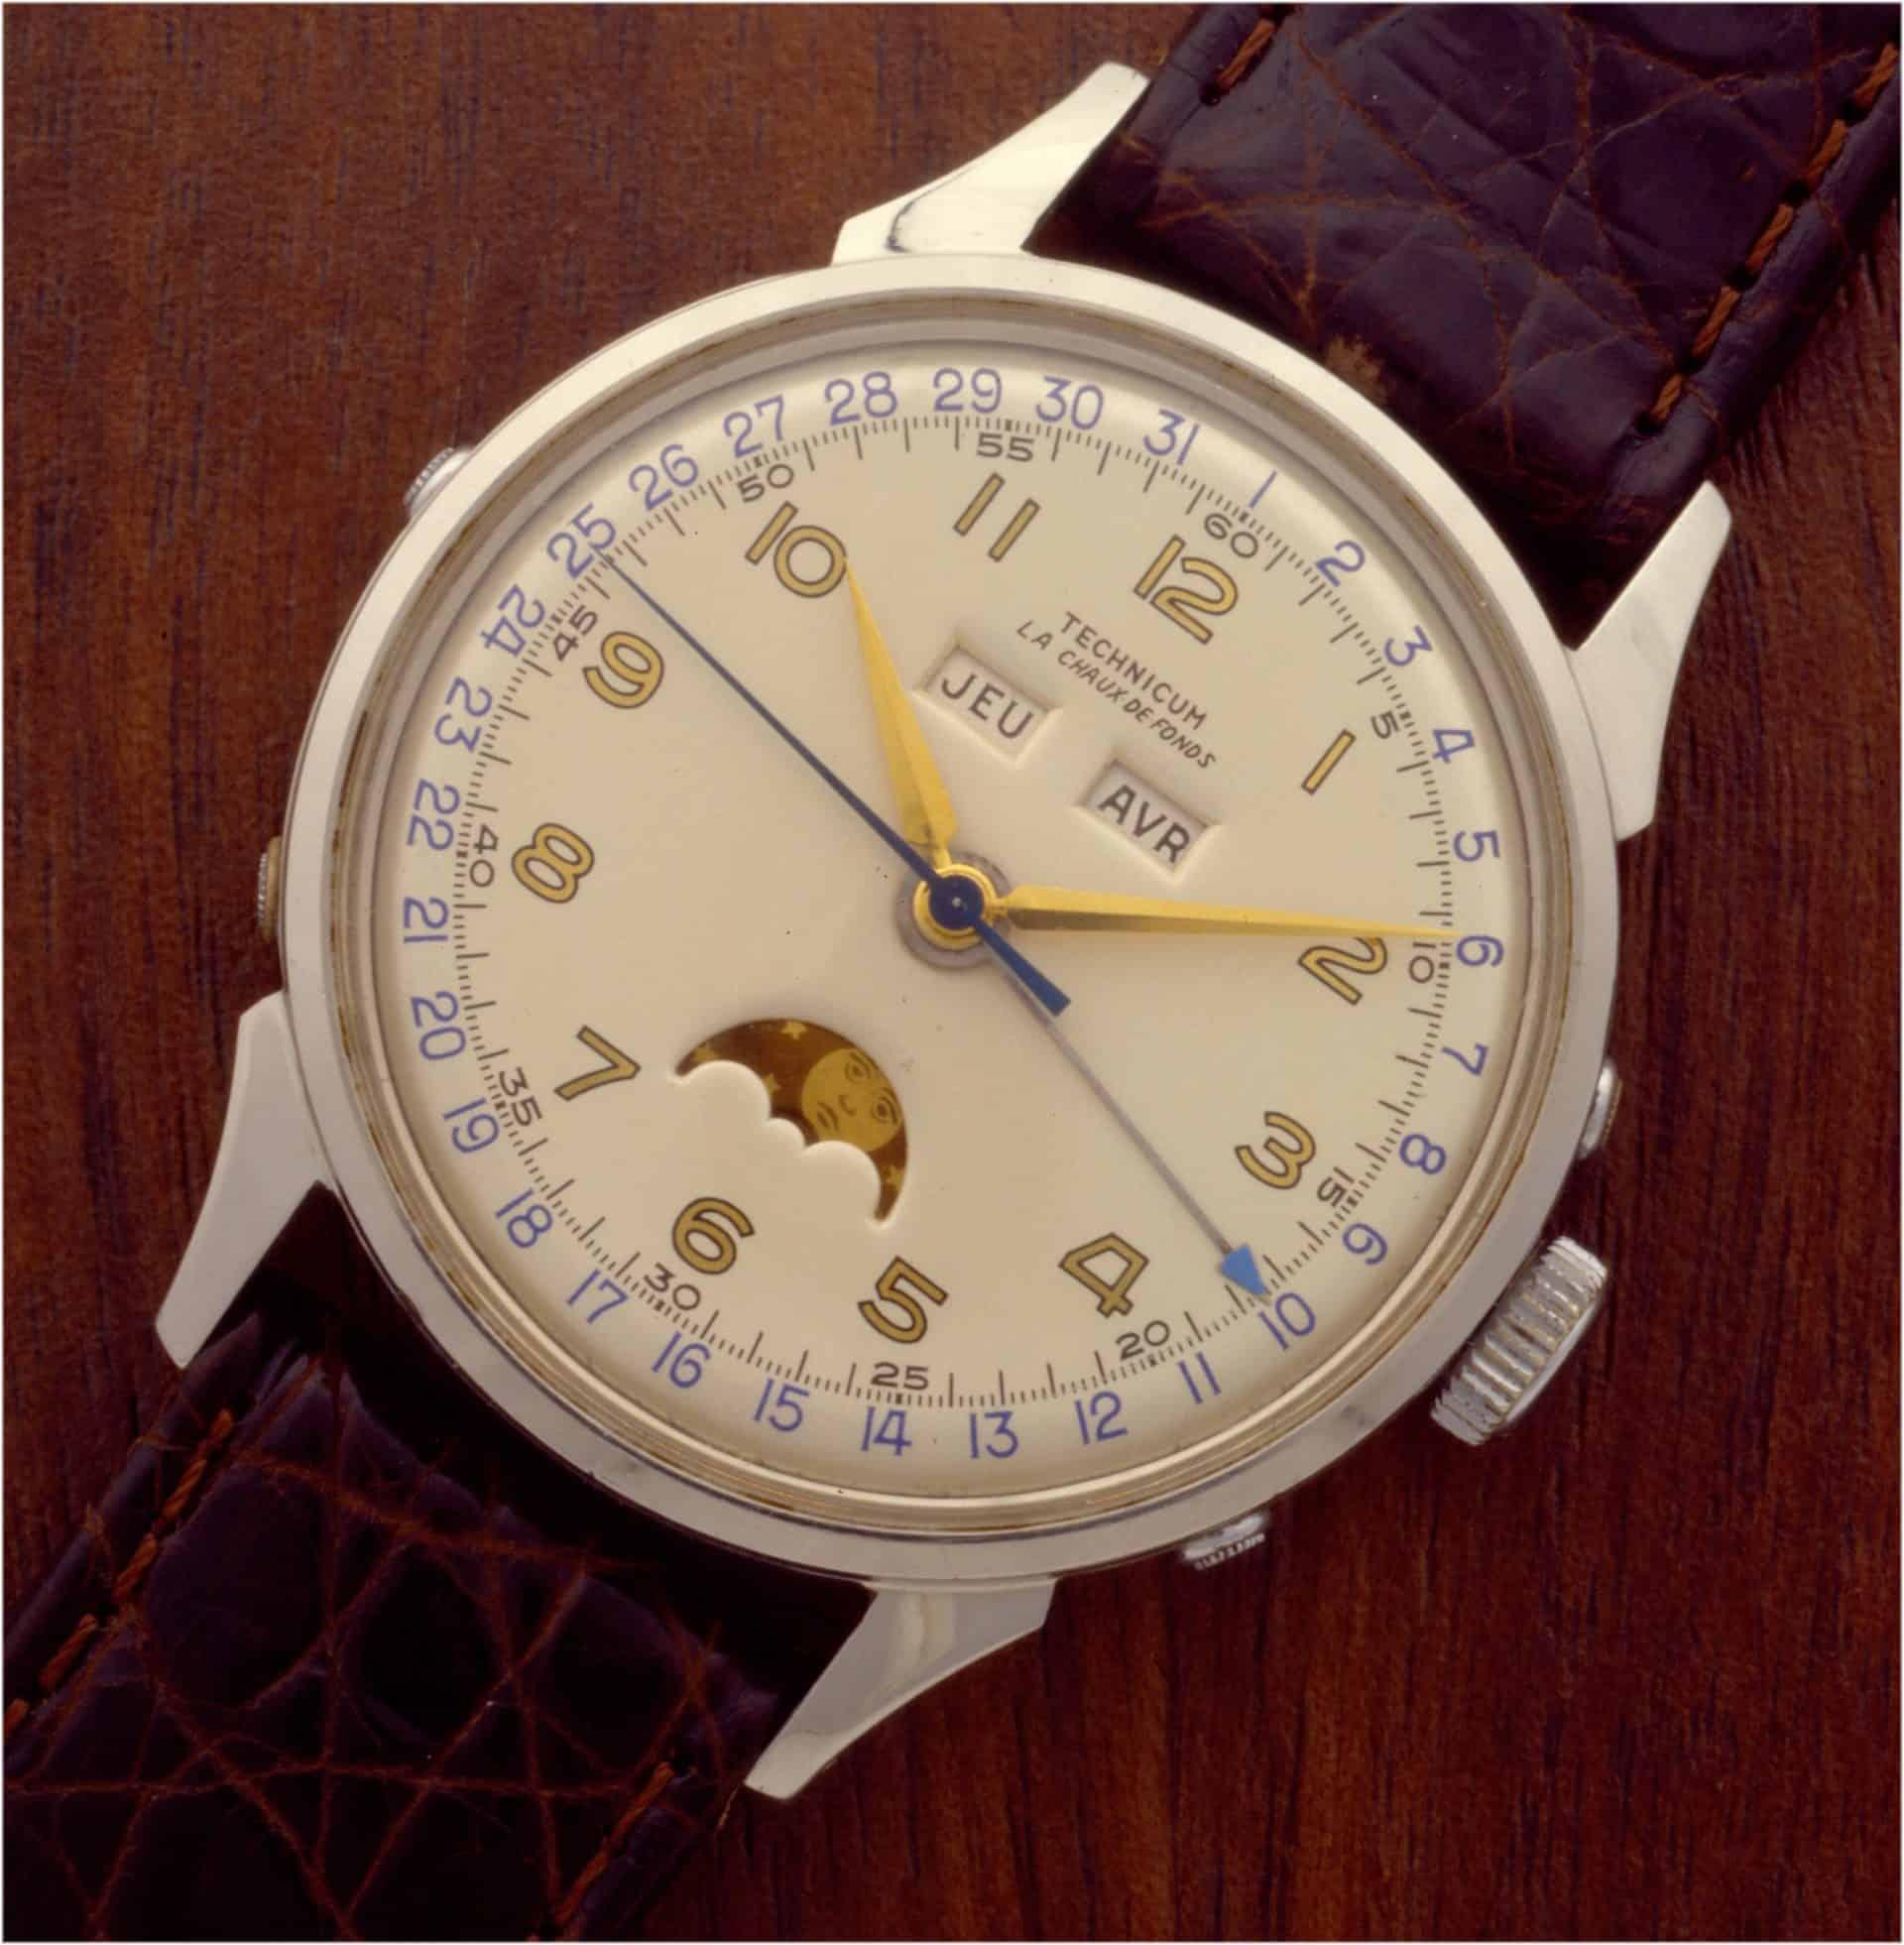 Schuluhr mit Mondphasenindikation Technicum Le Locle 1959 Kaliber Felsa 693